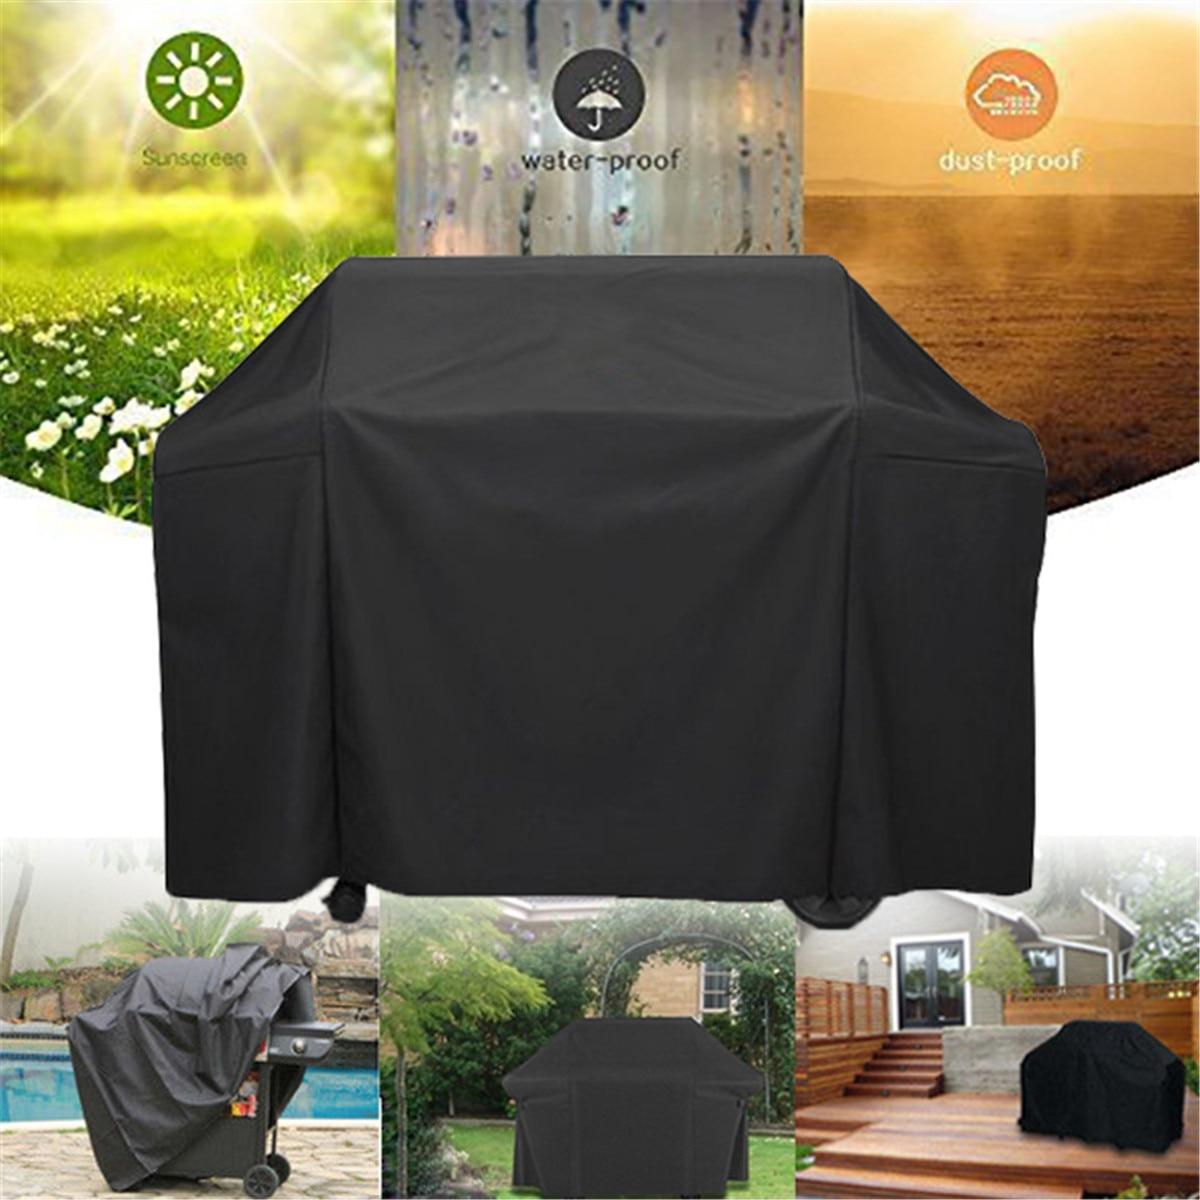 Черная крышка гриля для барбекю 165X64X113cm с сумкой для хранения для гриля для барбекю на природе, 7131 Genesis II